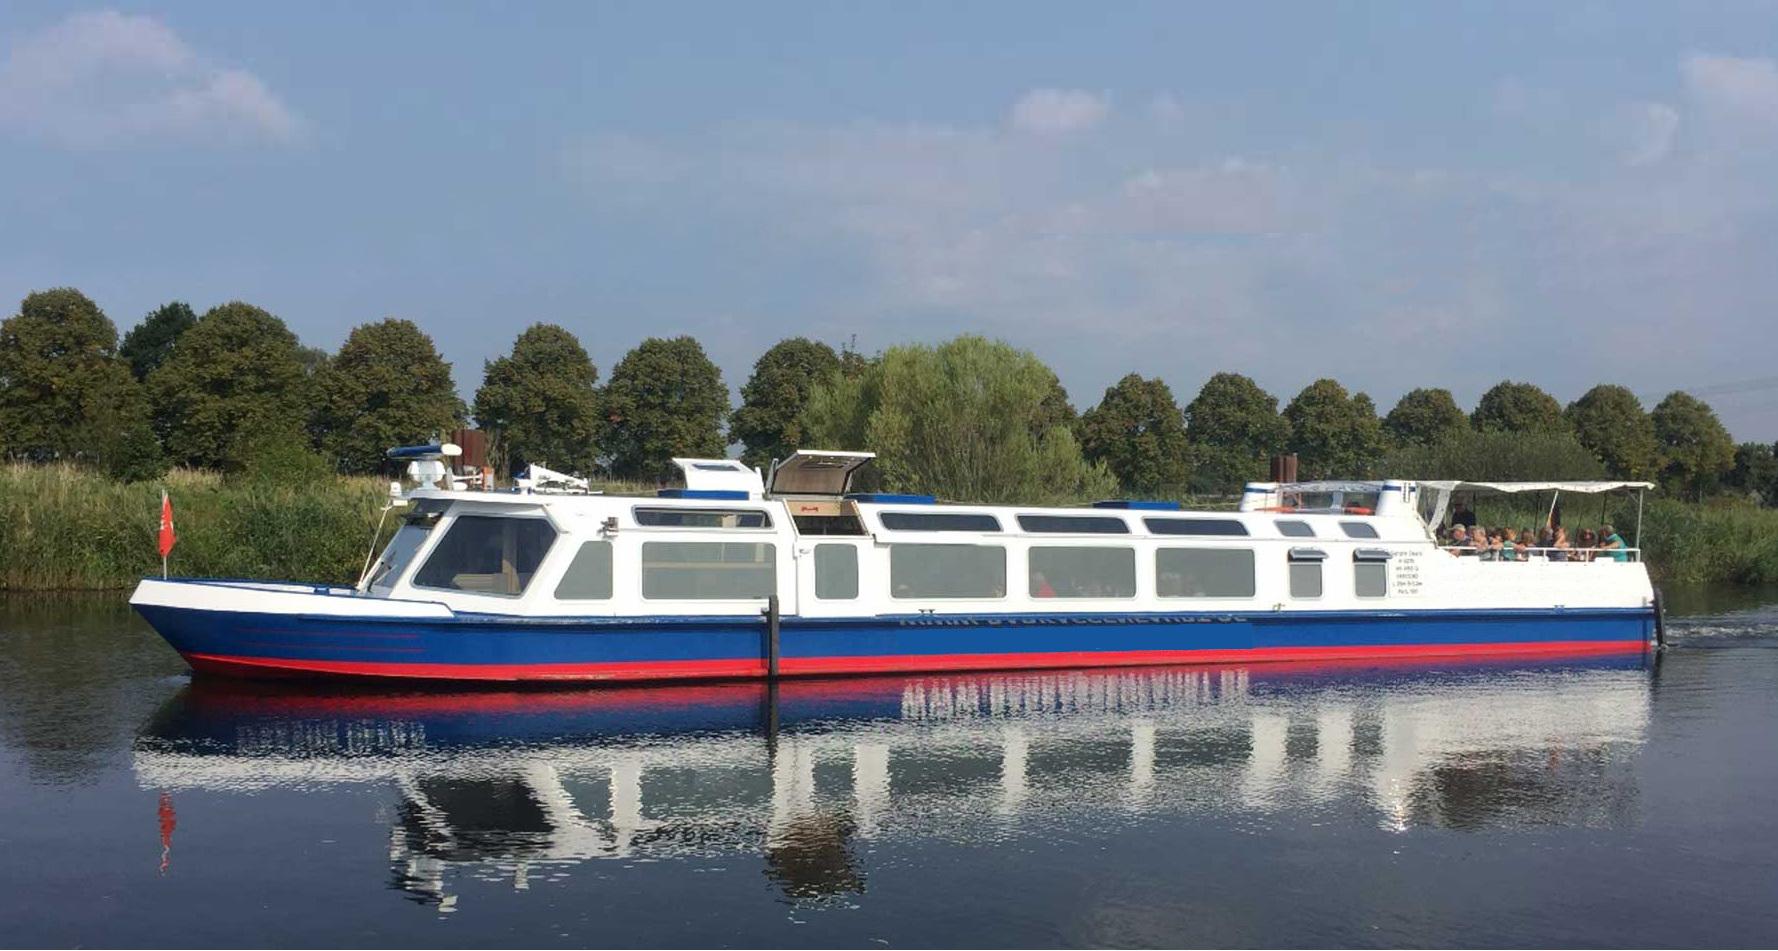 fahrgastschiff-24-5-meter-sd